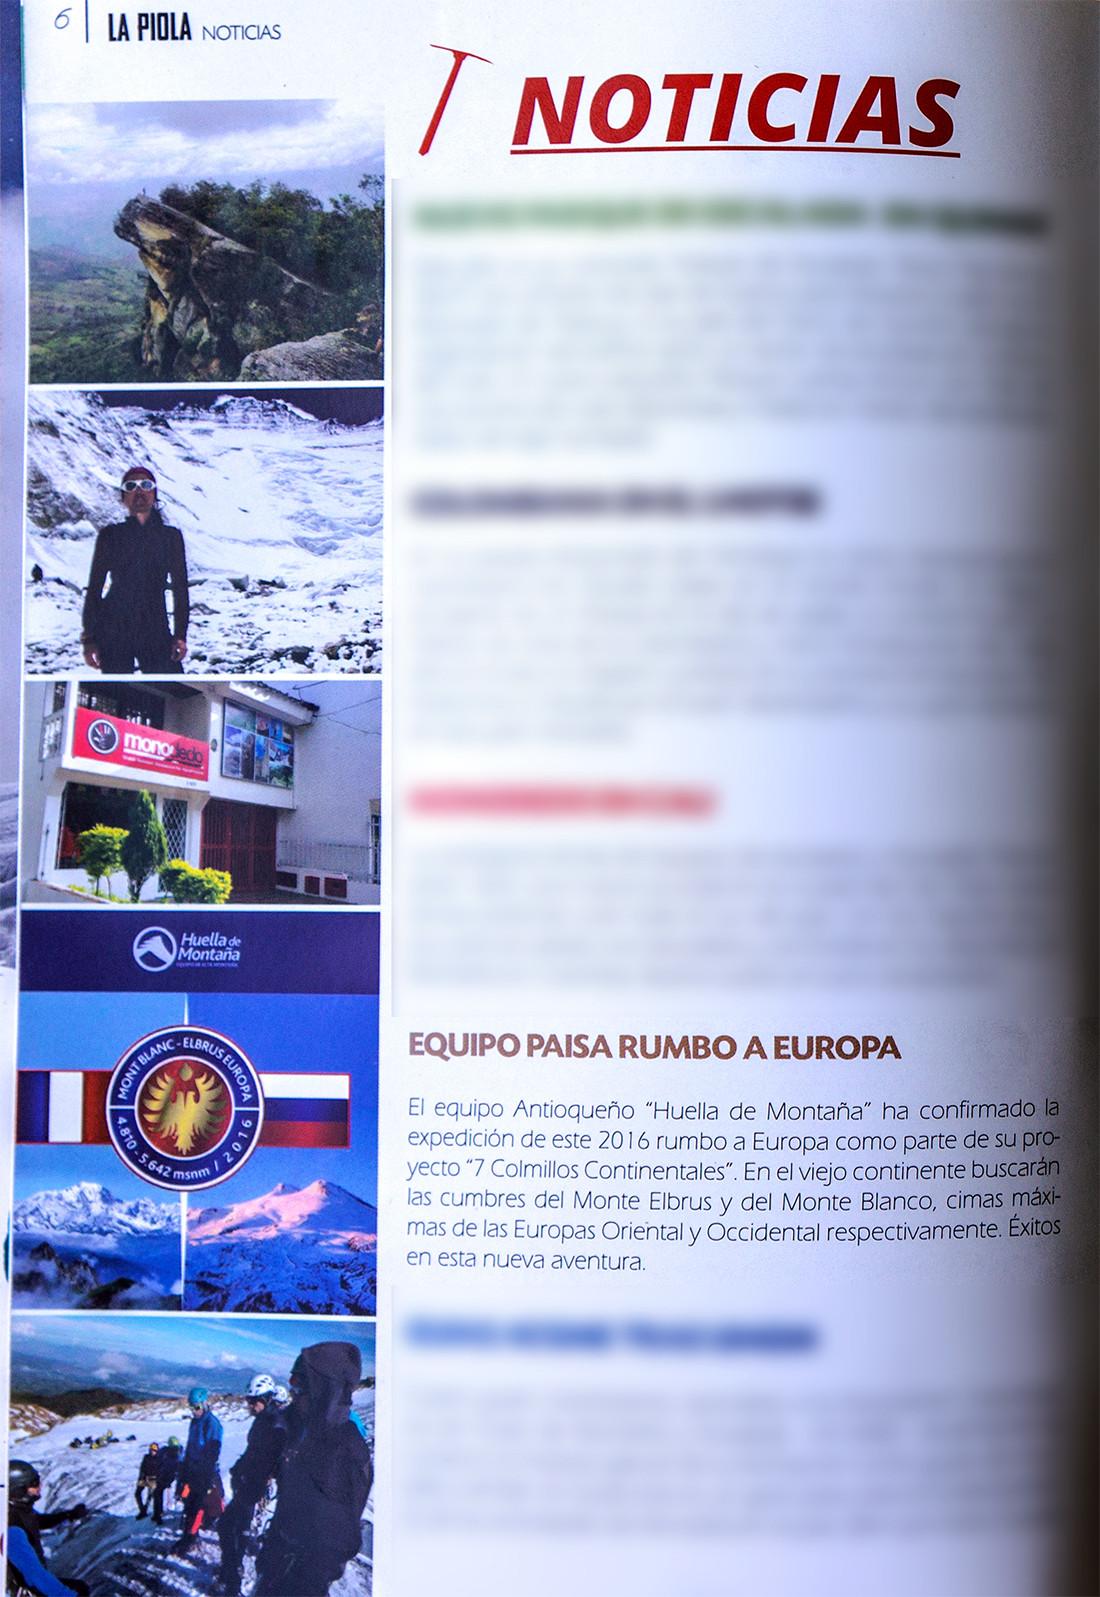 2016.07.00 Revista La Piola 2.jpg